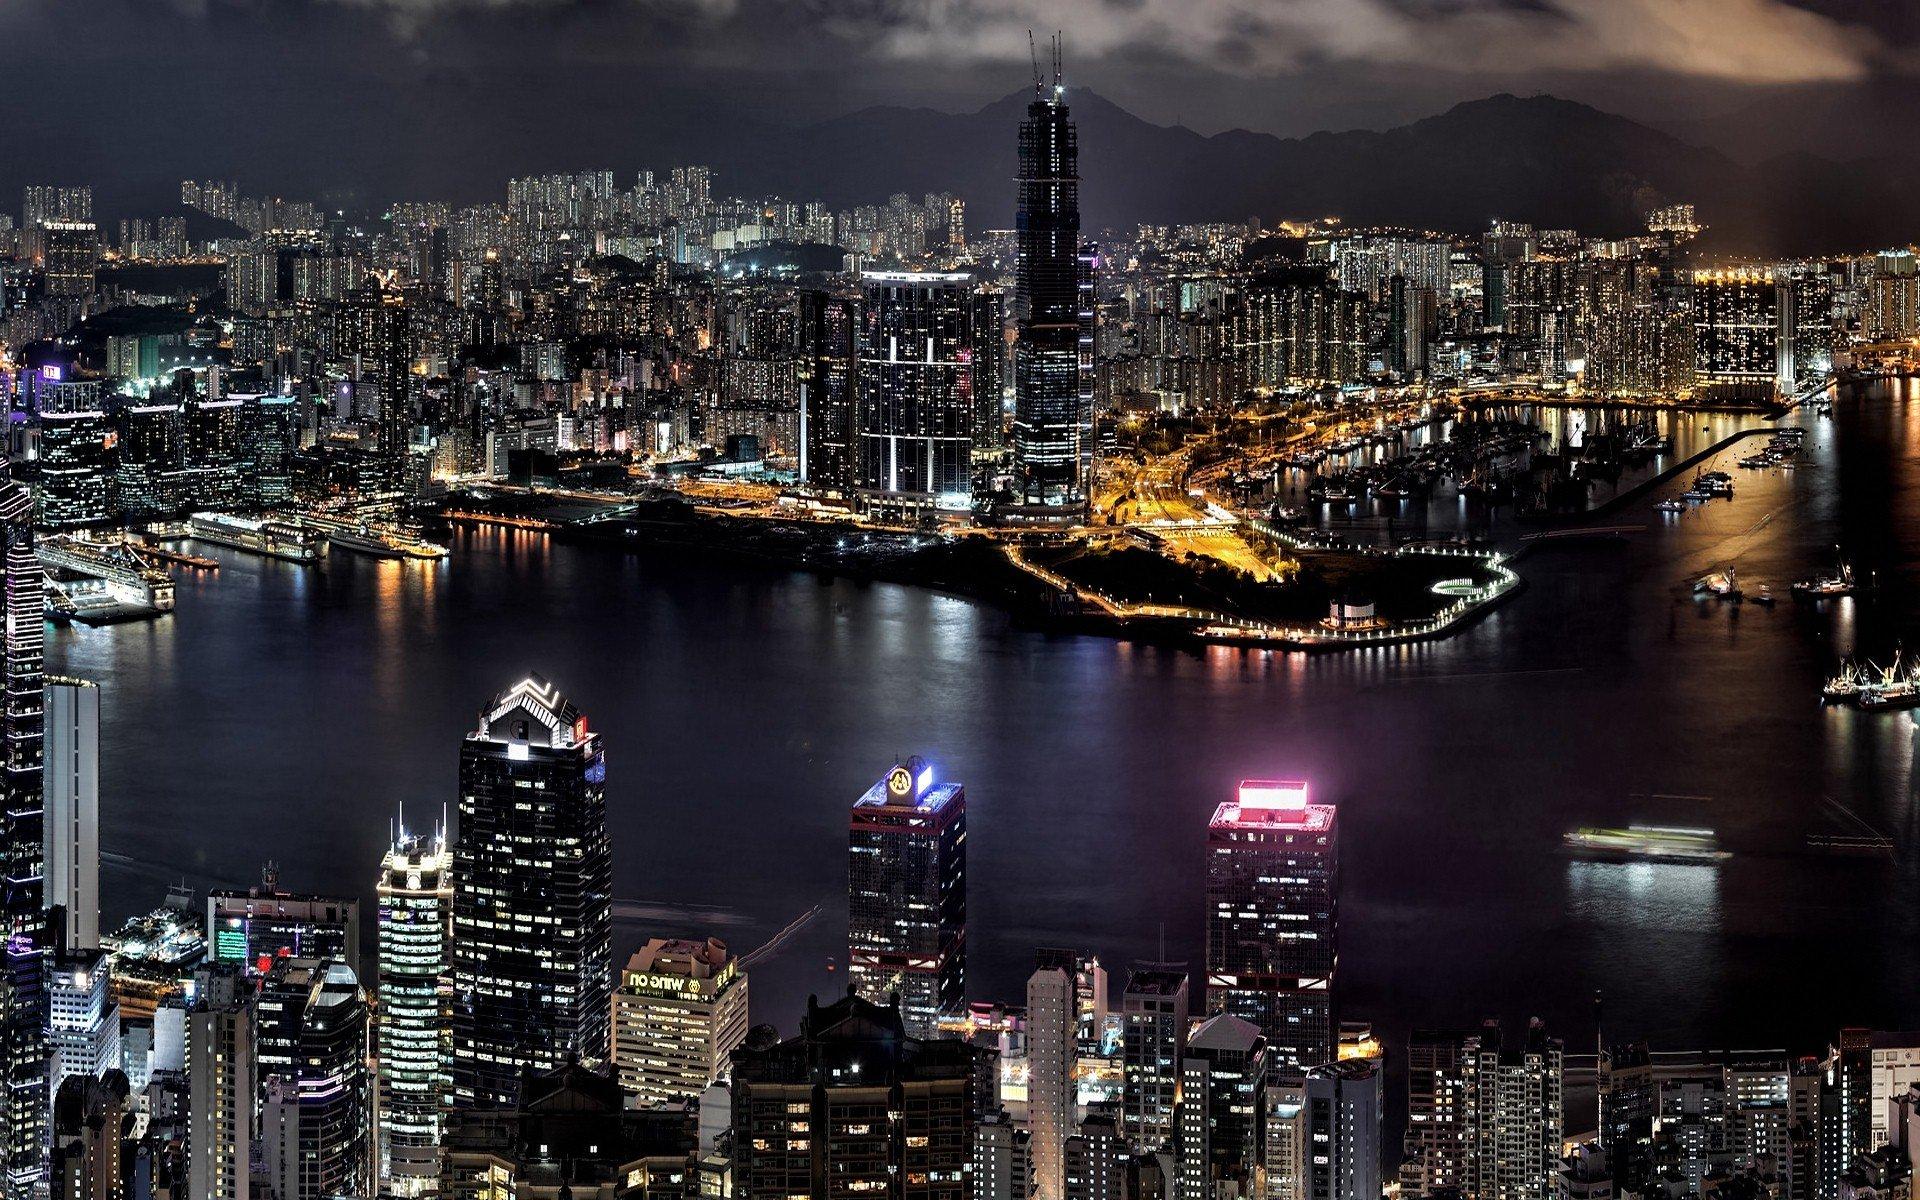 android安卓风景 城市夜景高清手机壁纸免费下载,安心